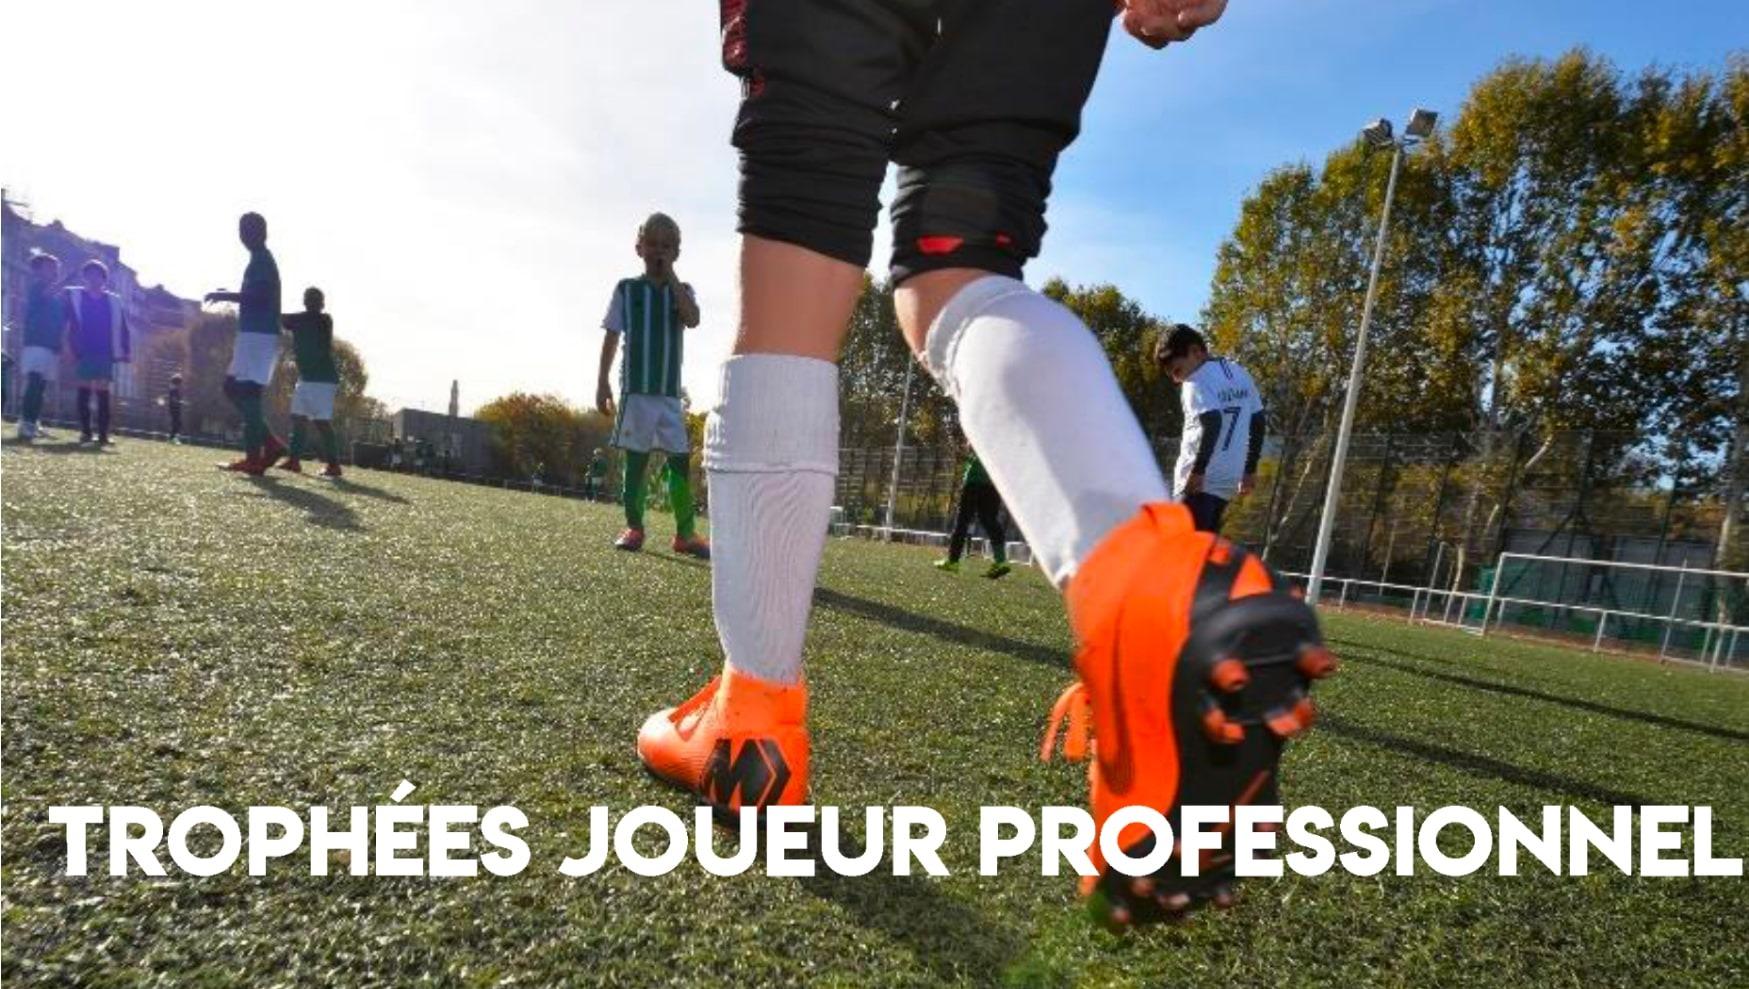 Trophées Philippe Séguin - Engagement social et citoyen du joueur professionnel